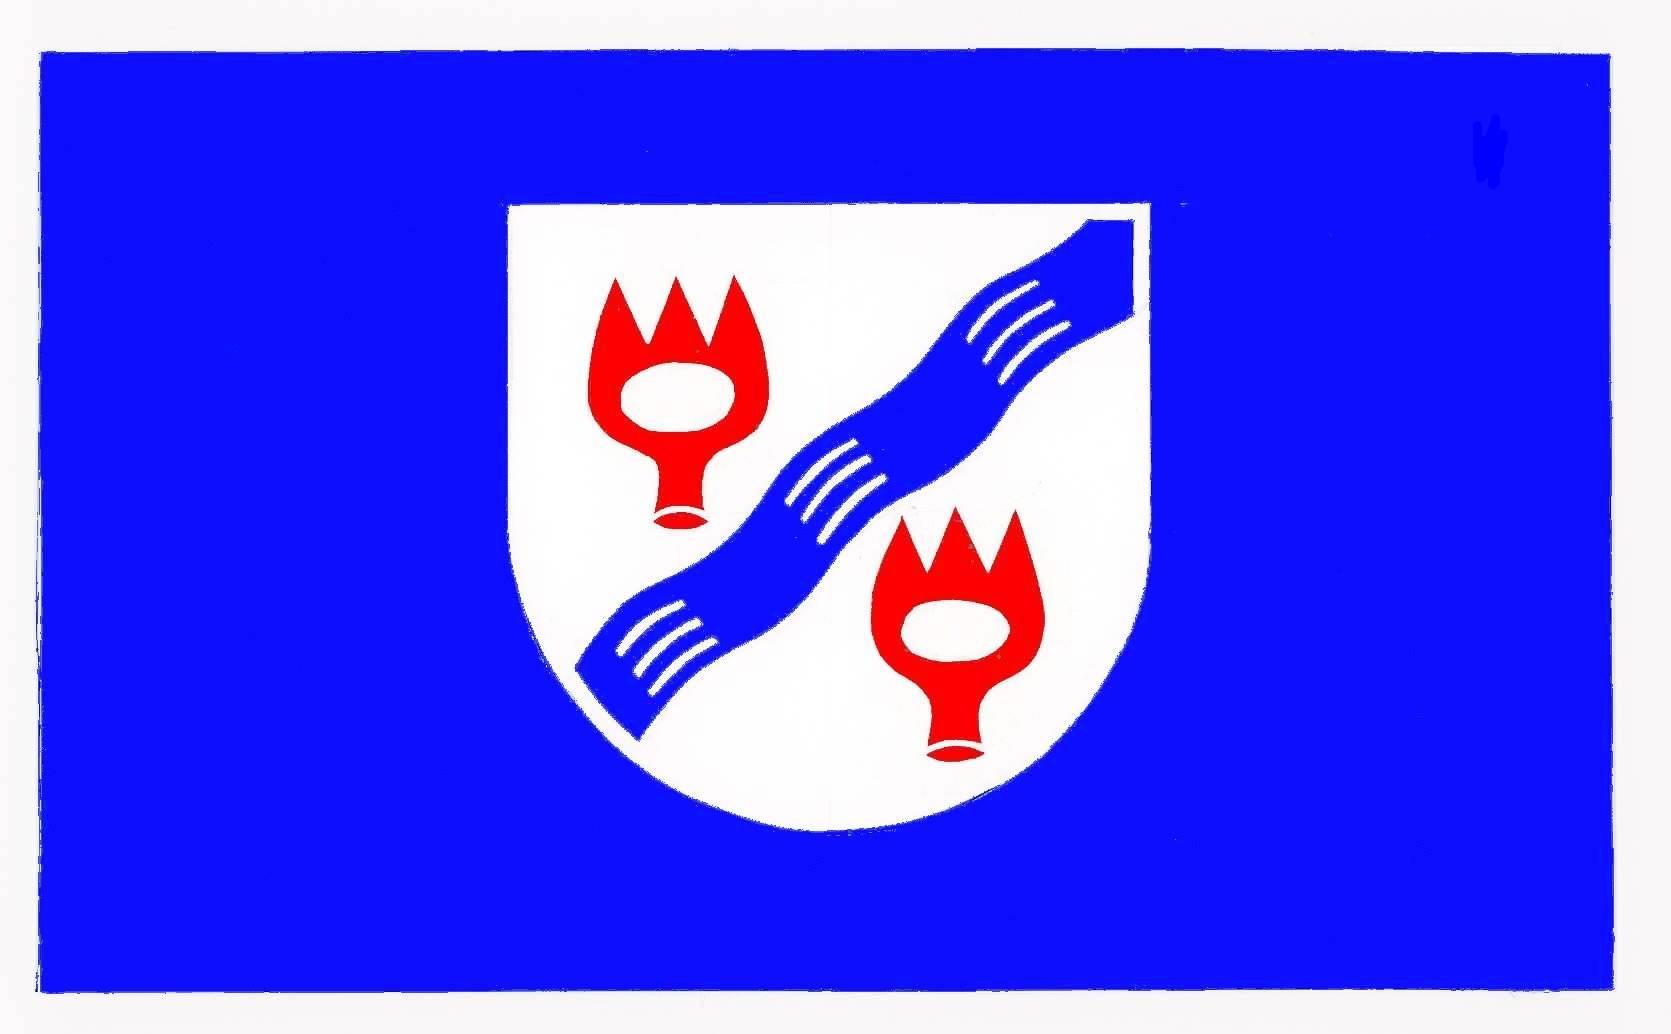 Flagge GemeindeBönningstedt, Kreis Pinneberg